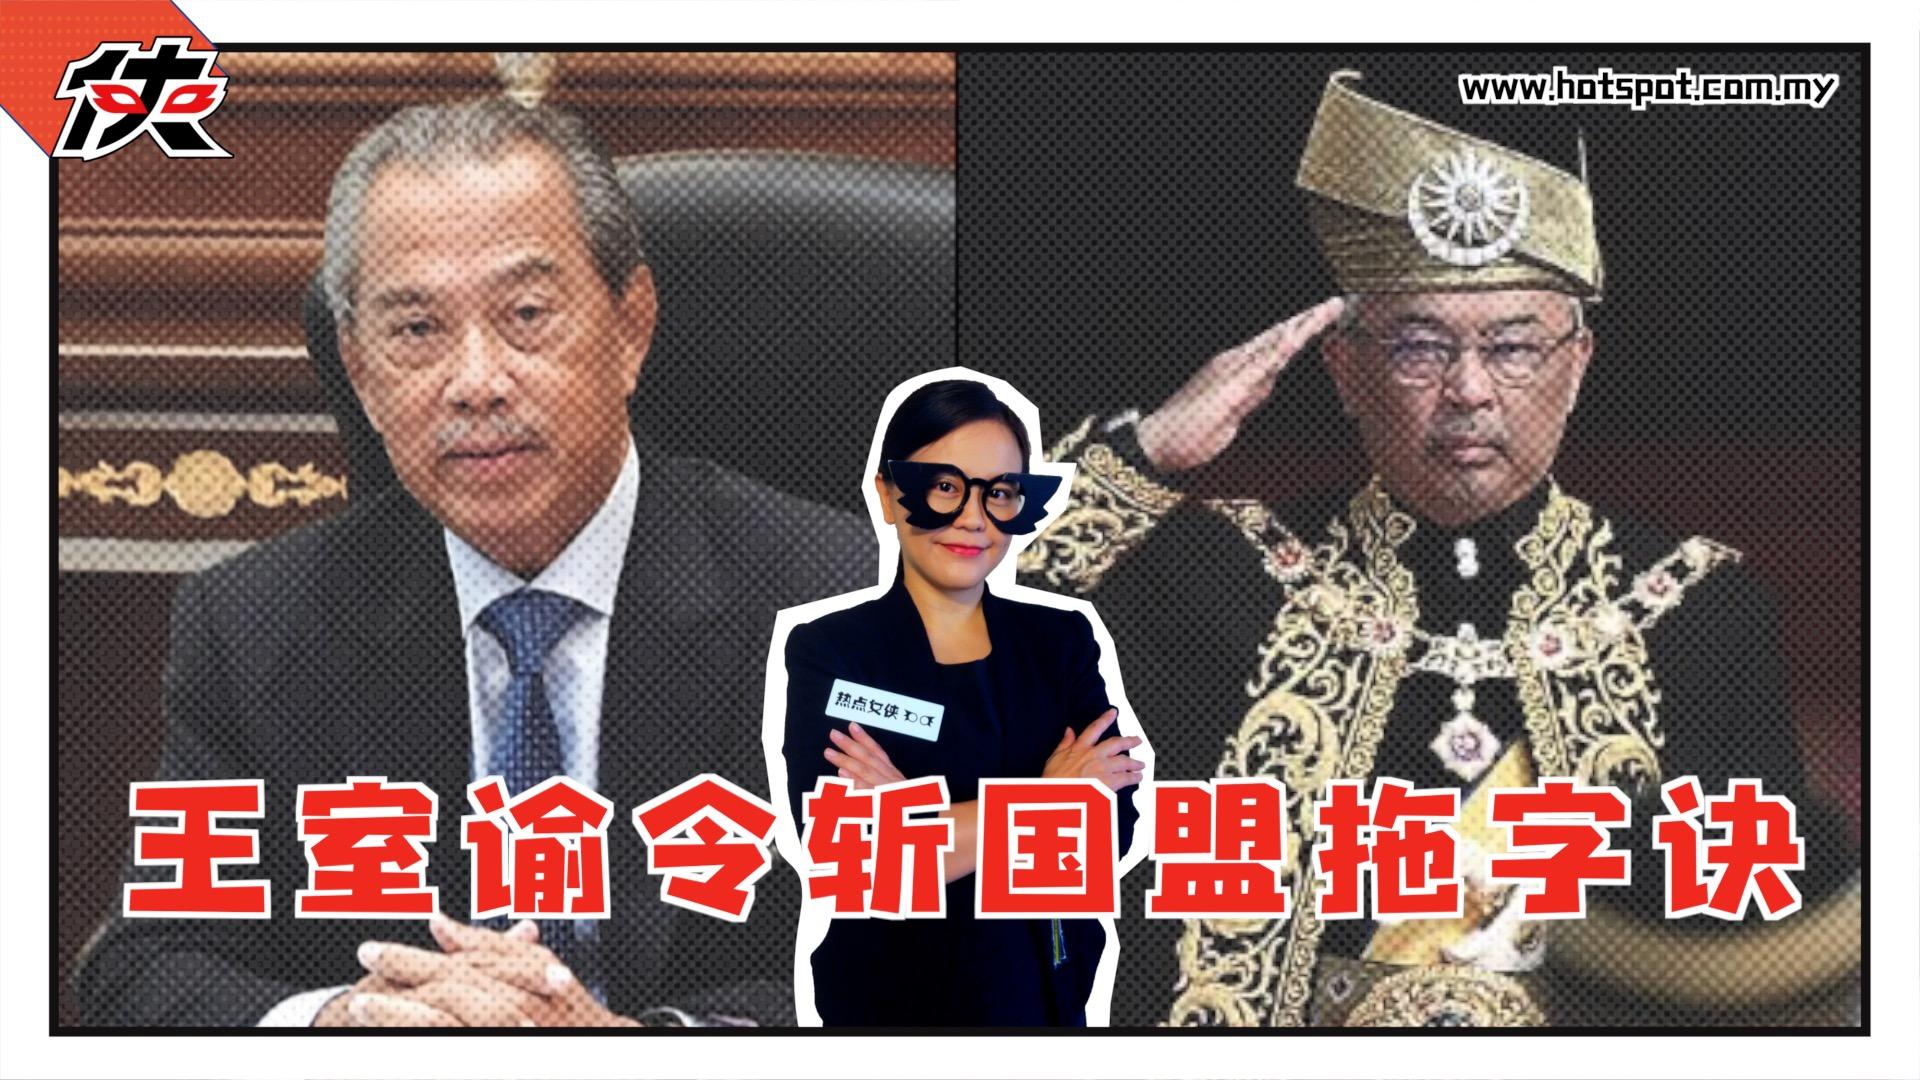 王室谕令情理法兼具 KO朝野议员成大赢家